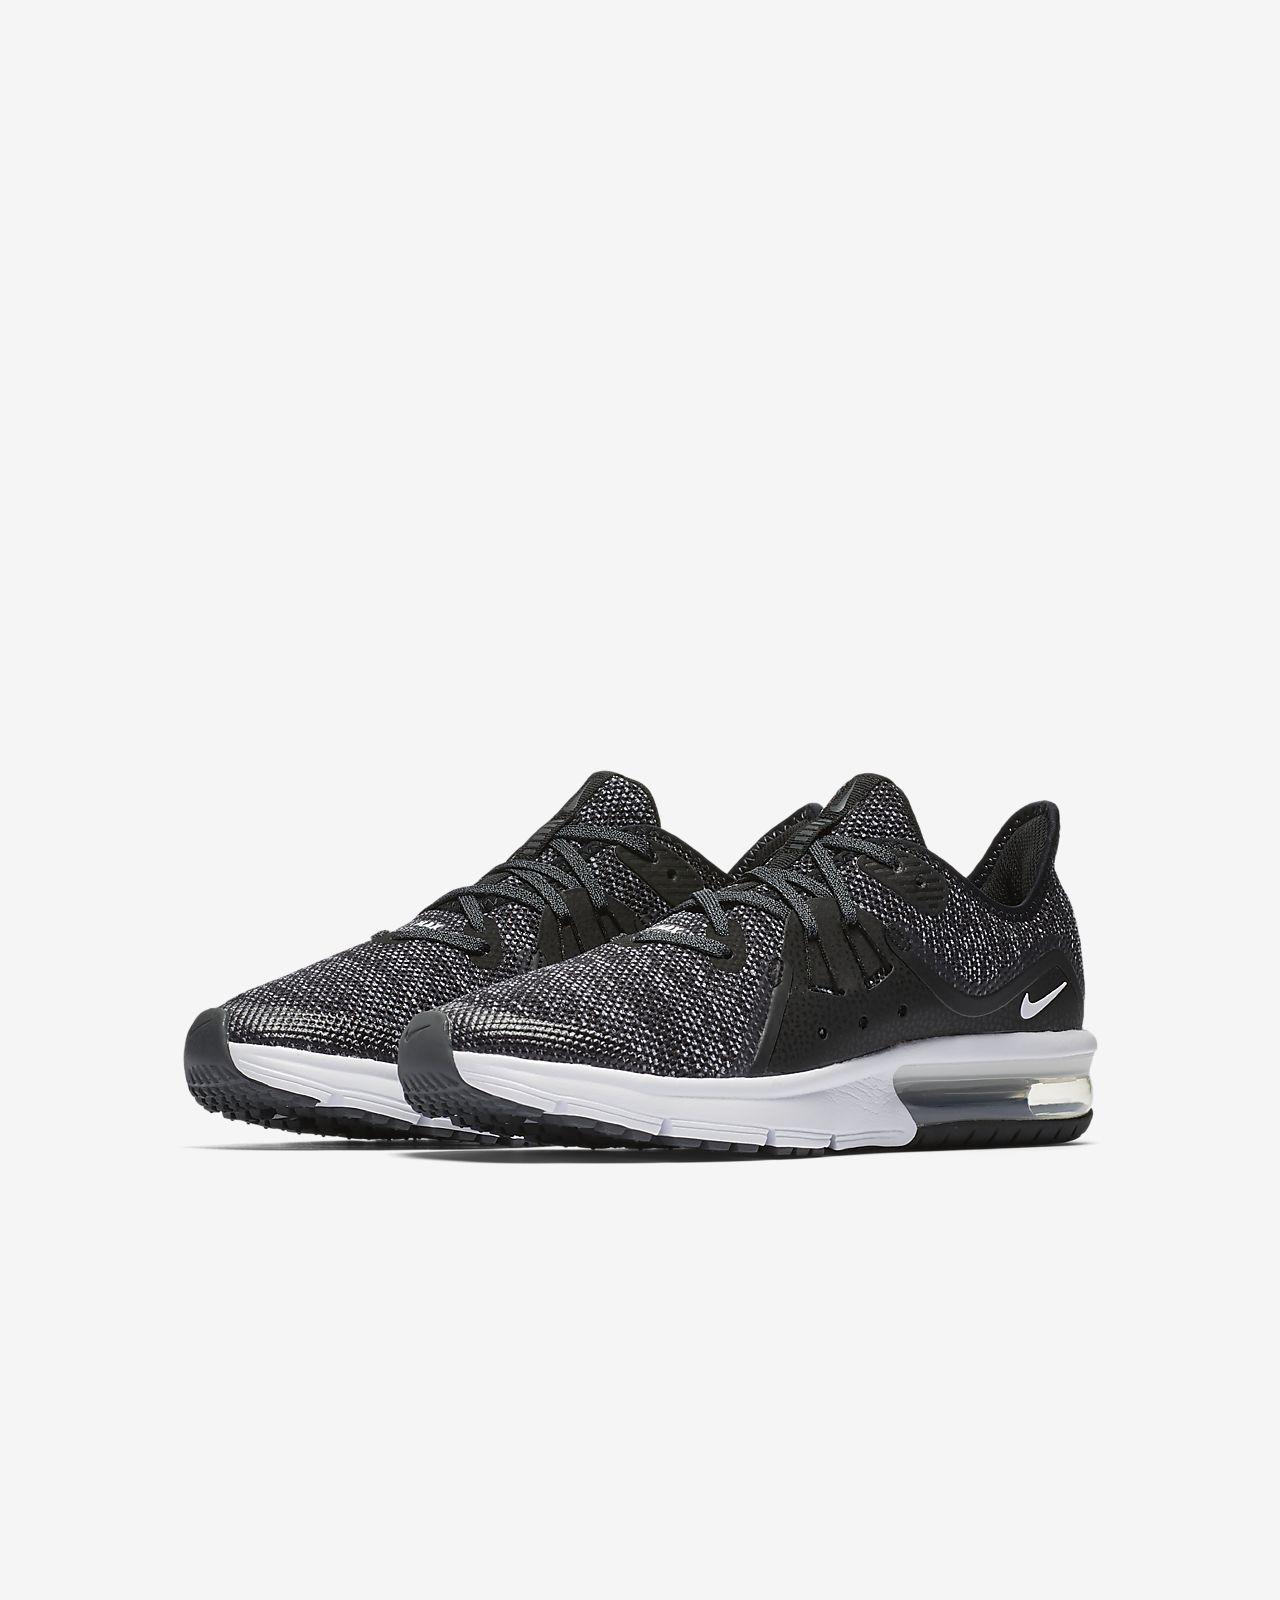 size 40 7850a fa978 ... Nike Air Max Sequent 3-sko til store børn